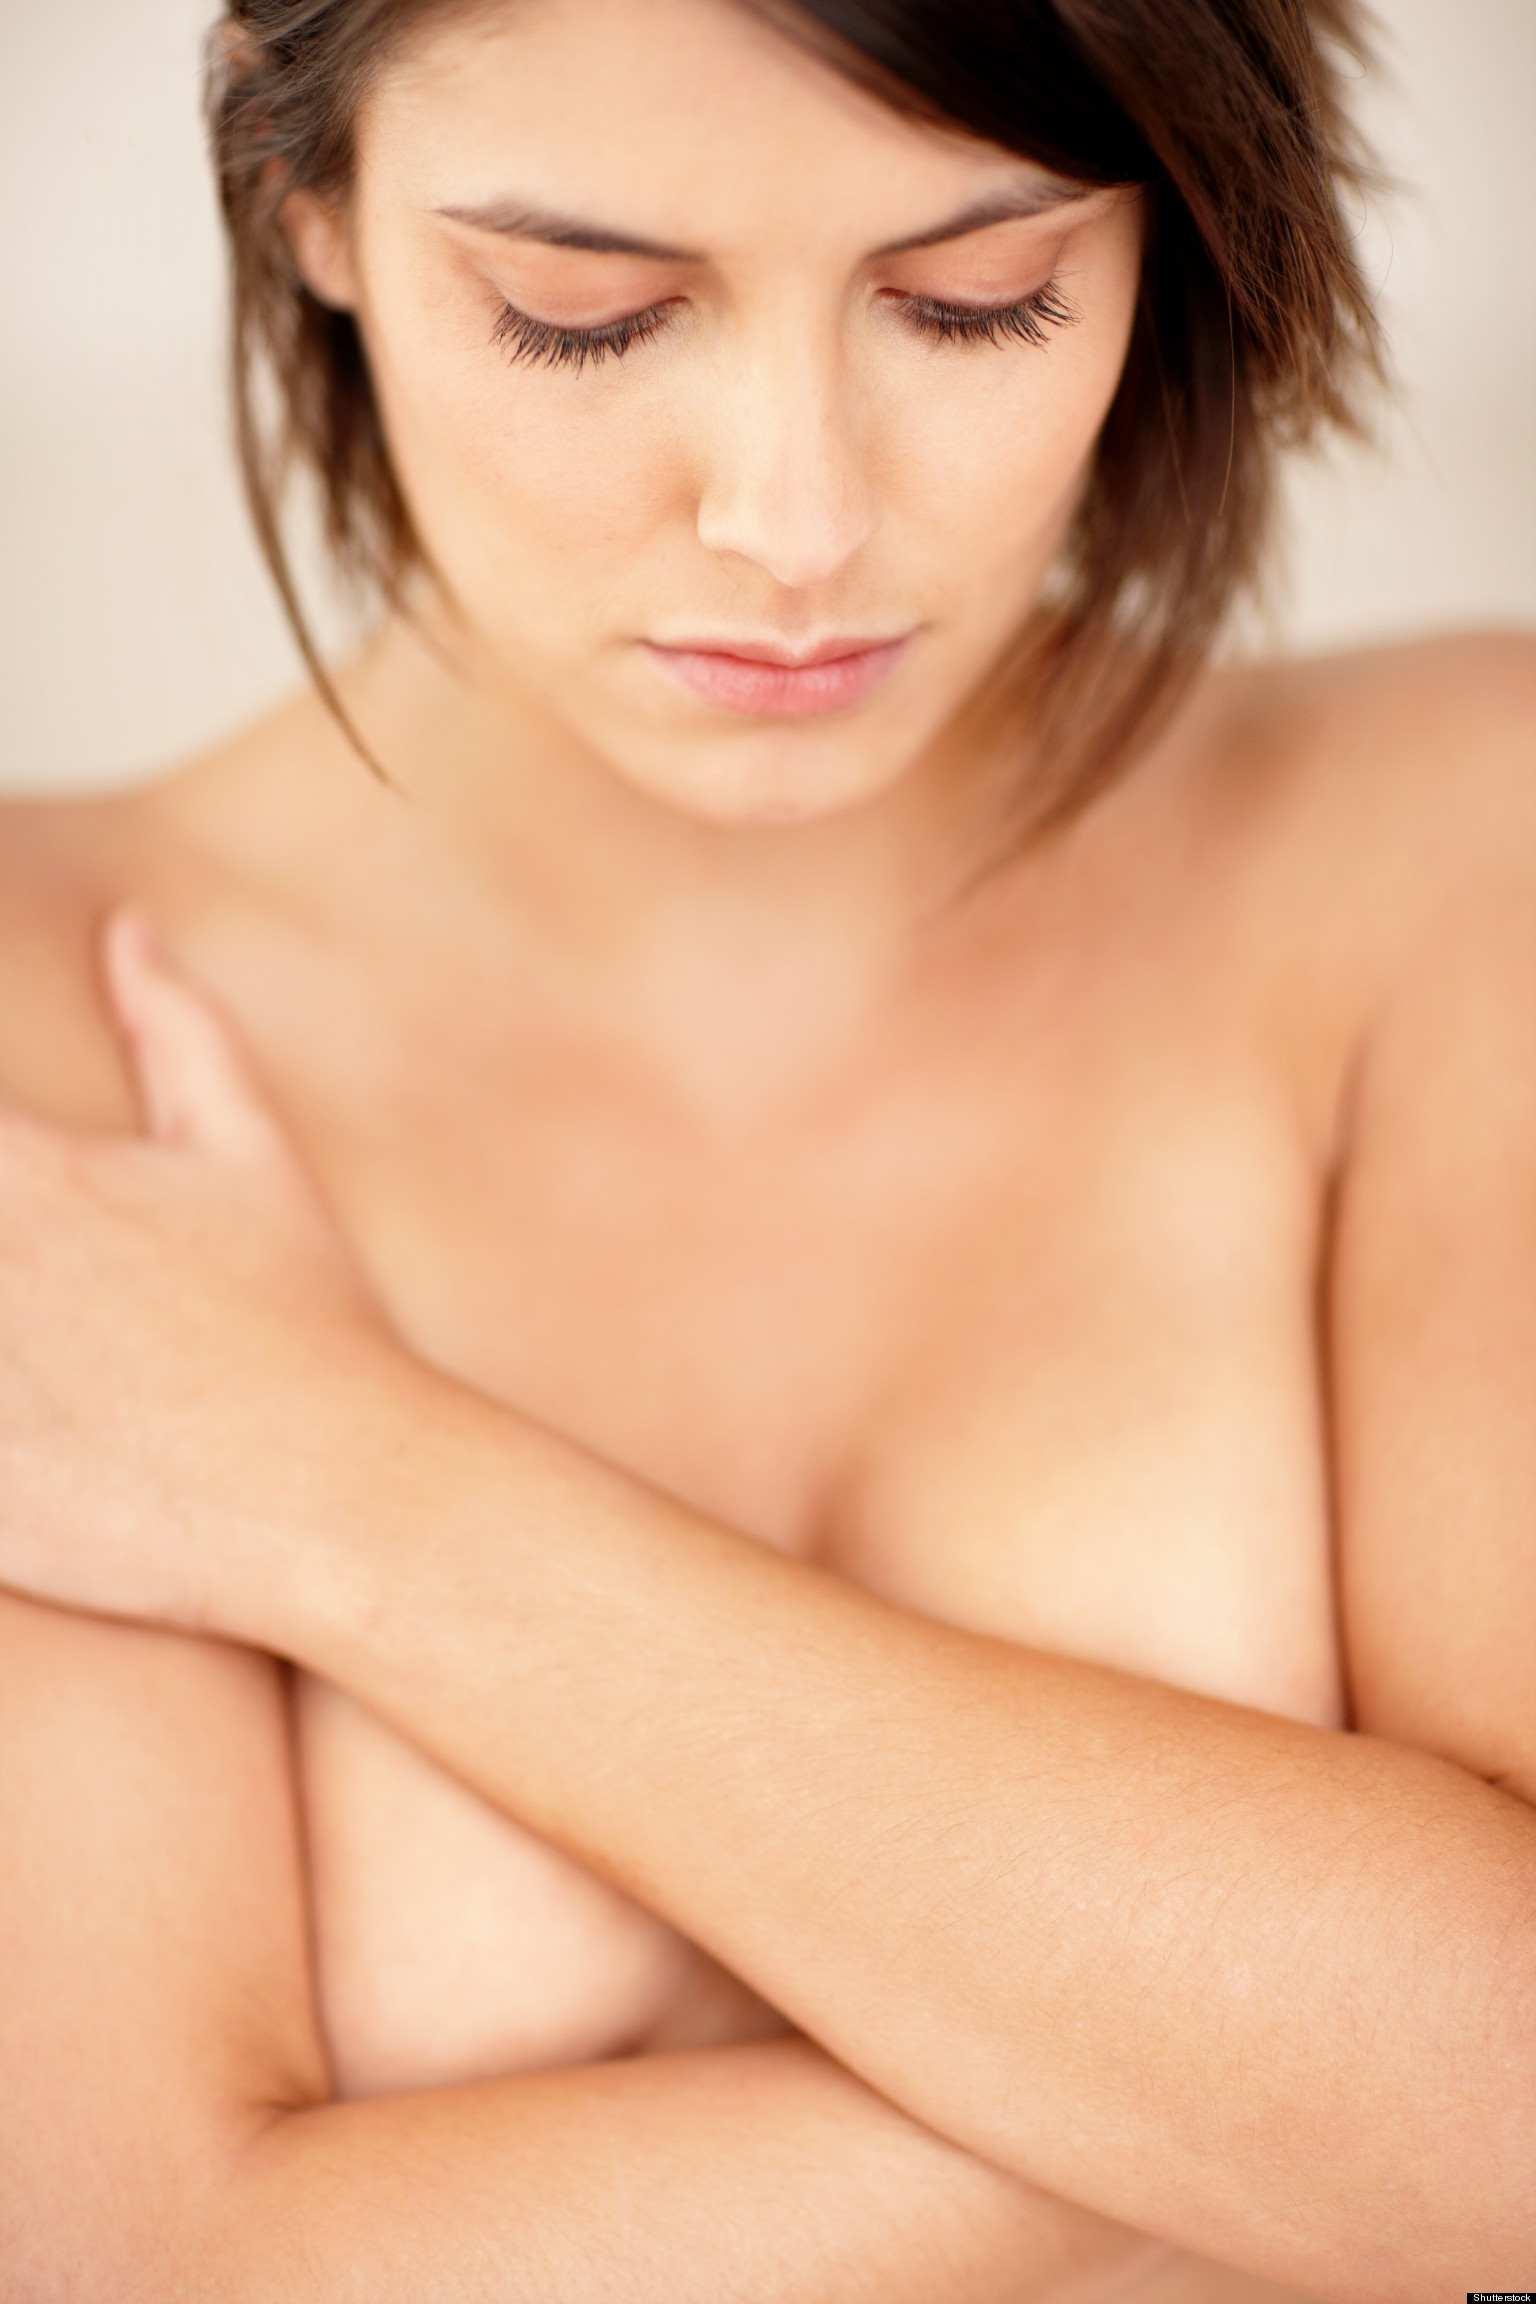 Фото вытянутой груди 7 фотография